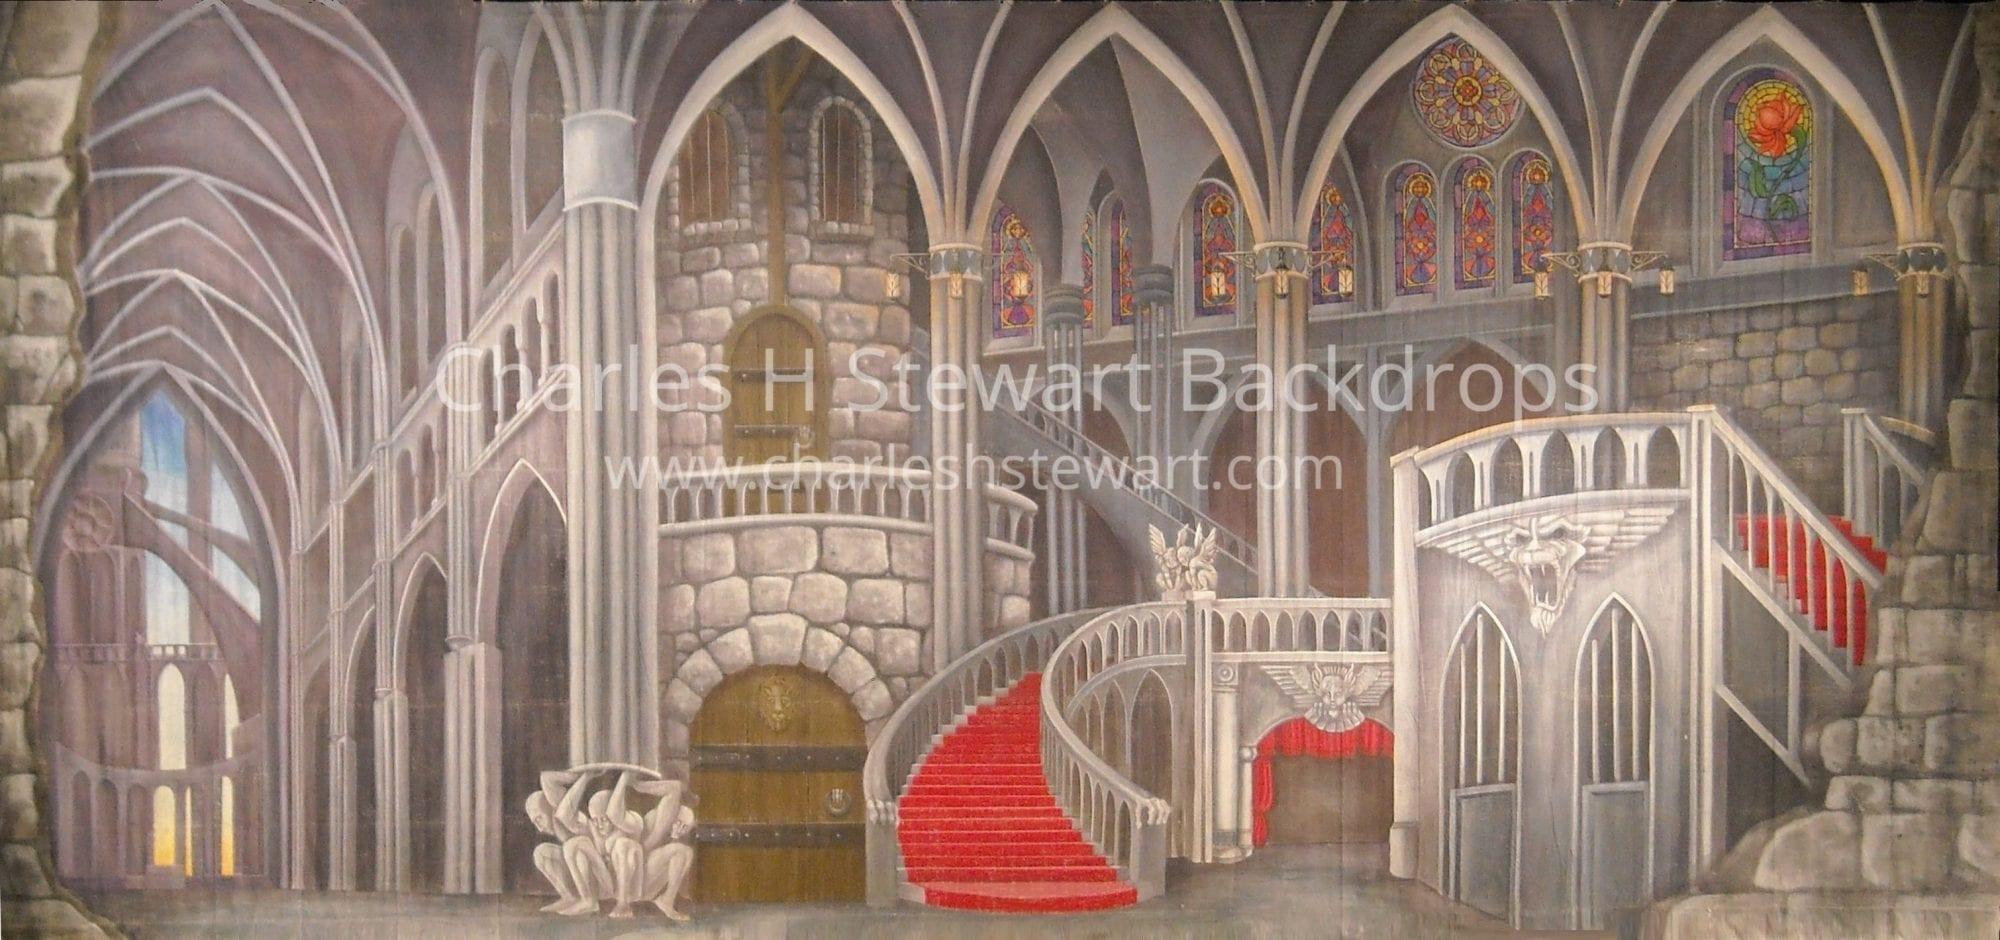 Castle Interior Backdrop